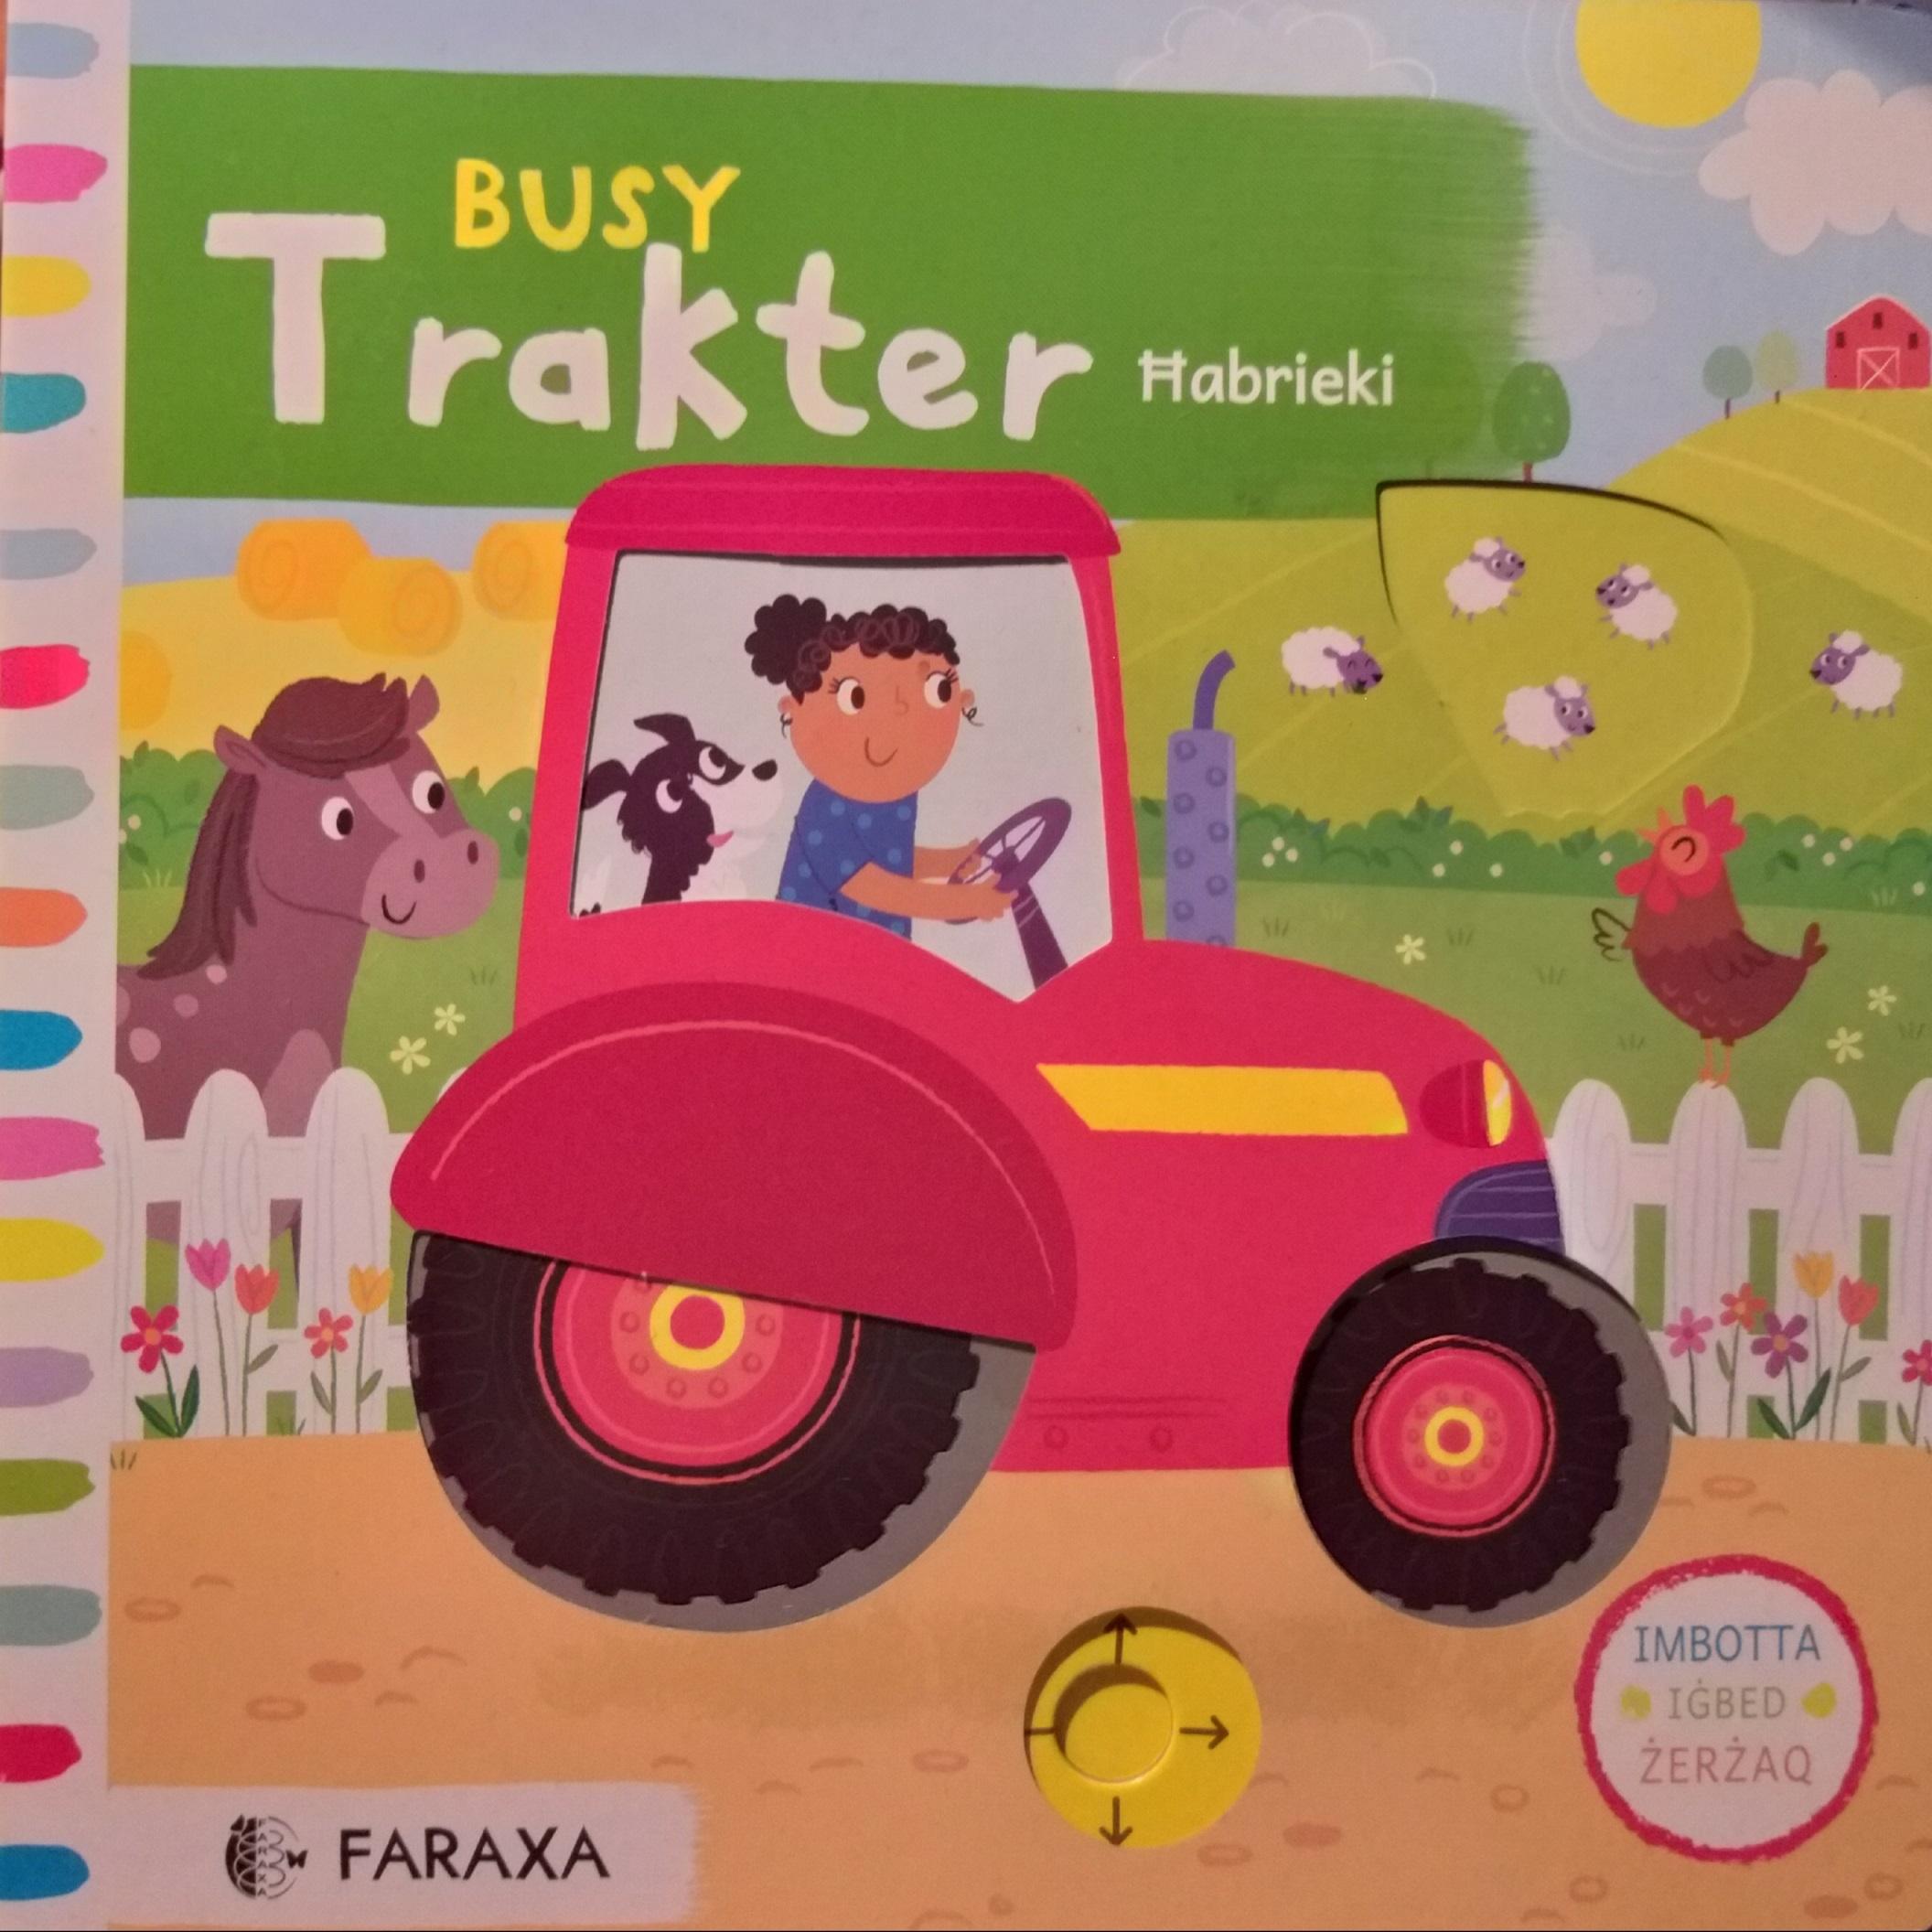 Busy Trakter Ħabrieki